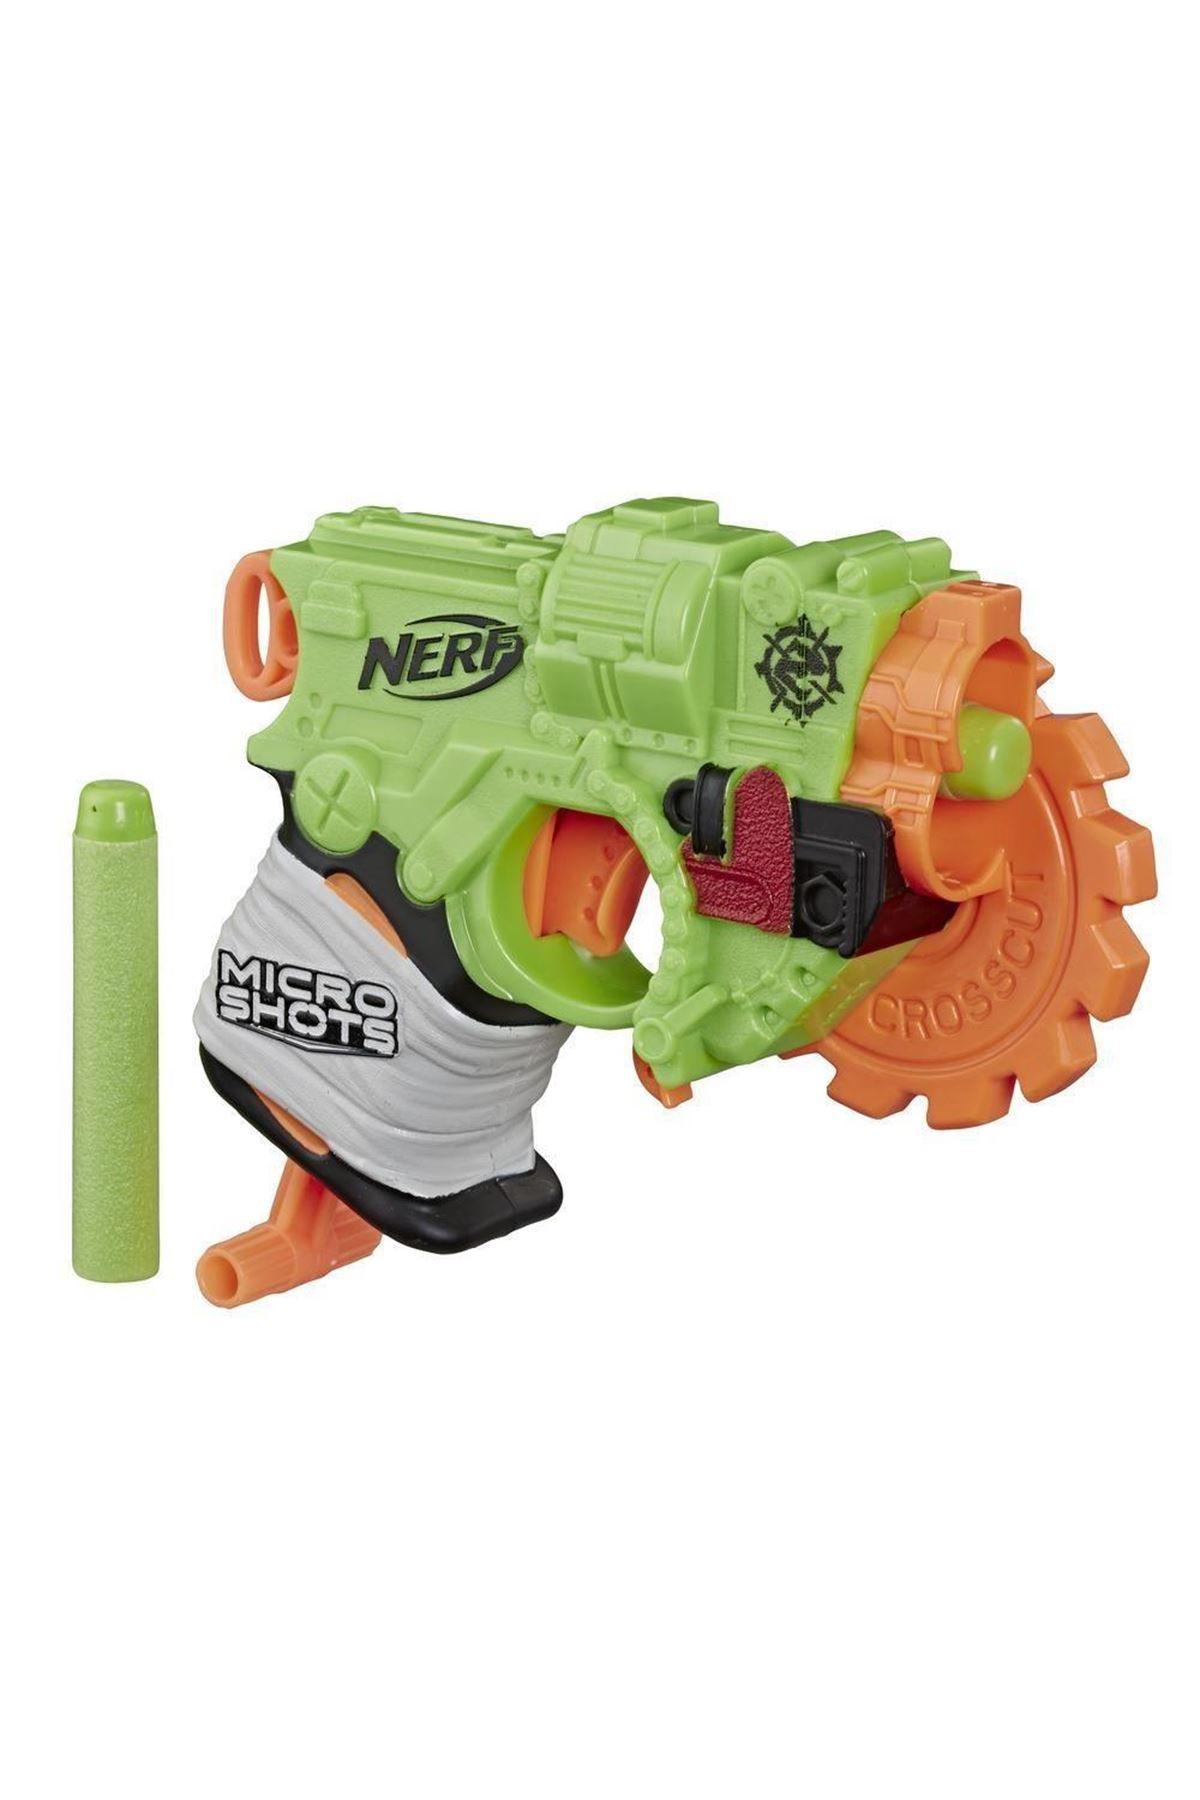 Nerf Microshots E0489 E3001